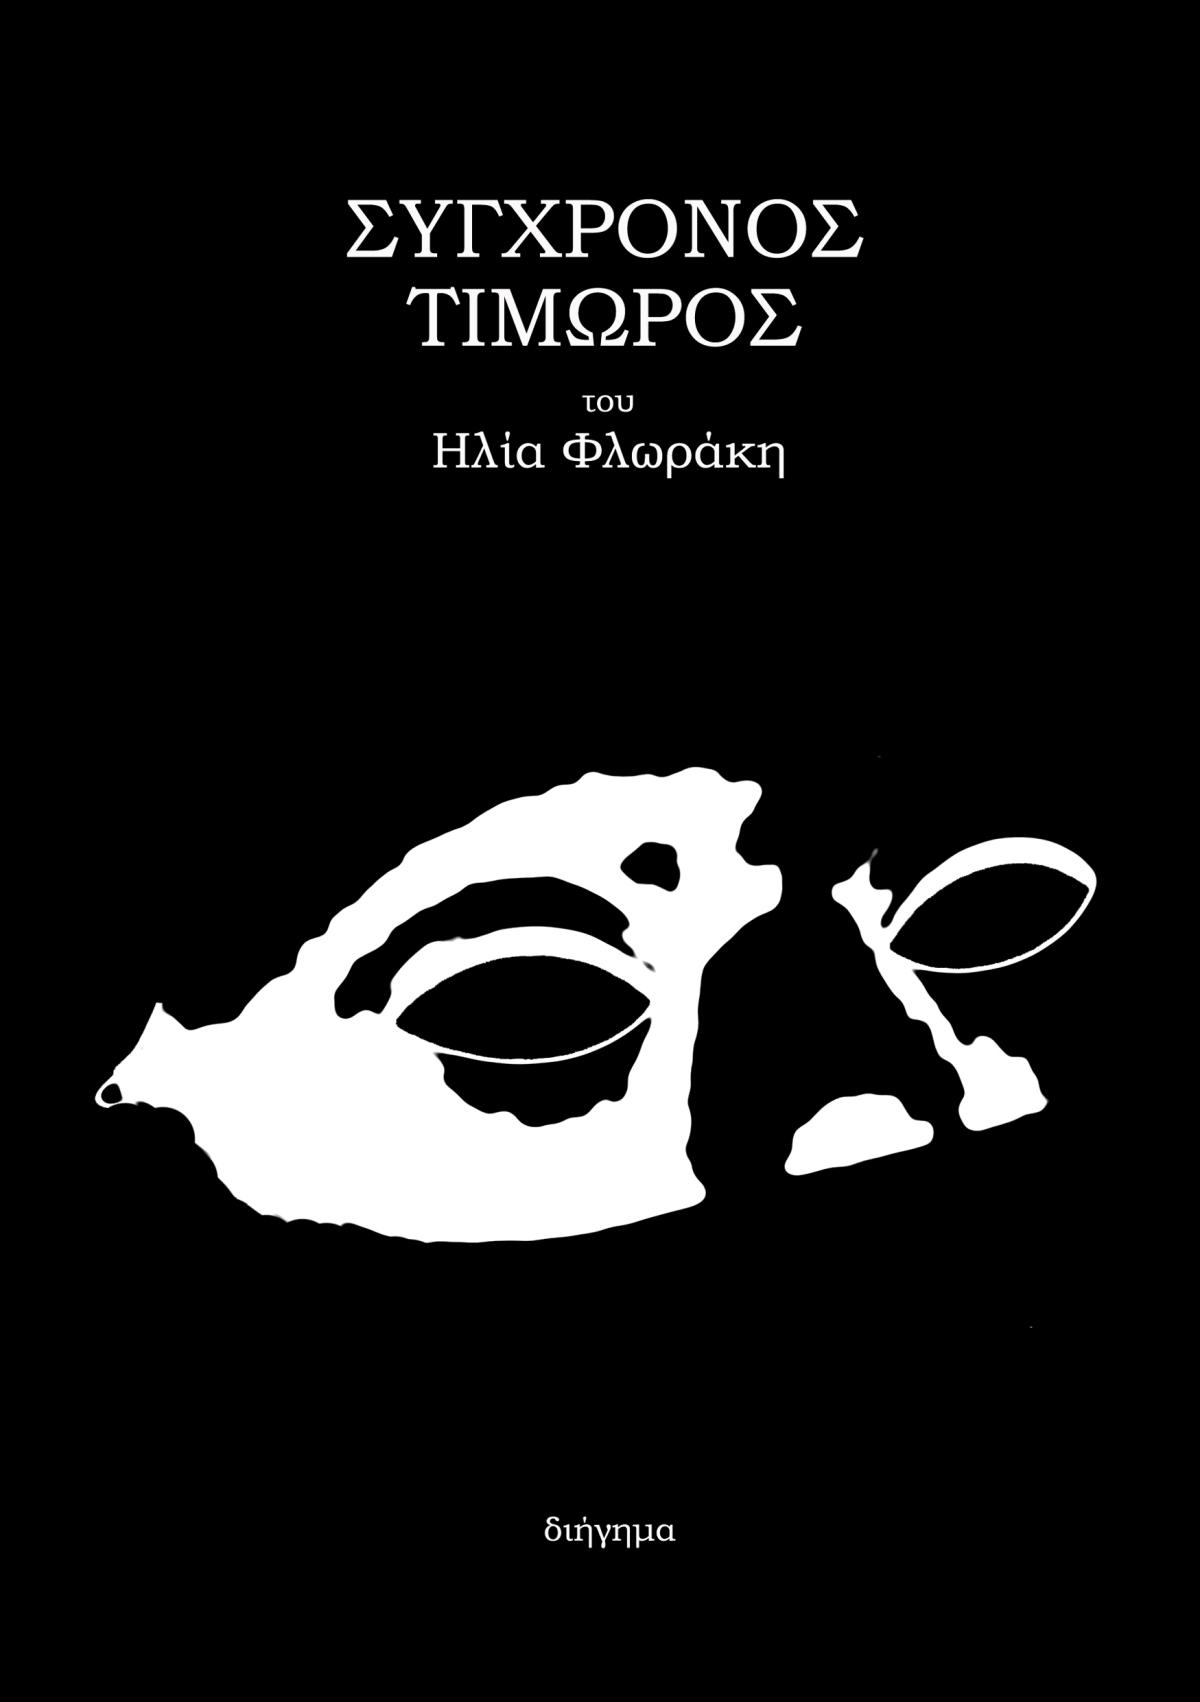 Σύγχρονος Τιμωρός (2011)e-book